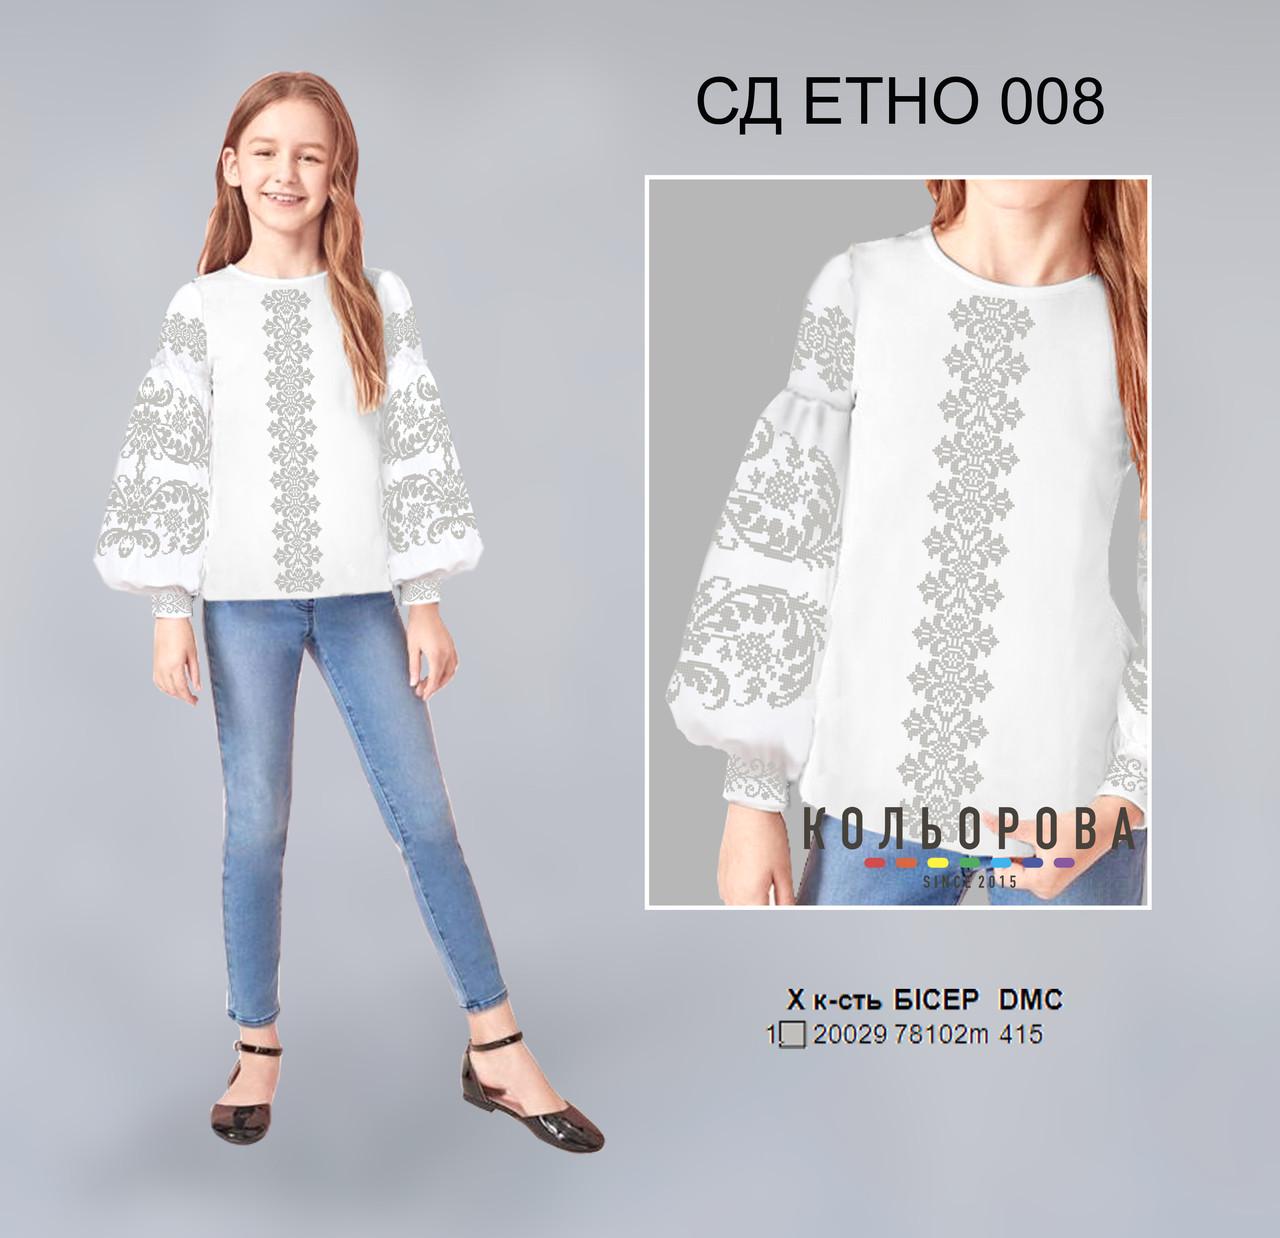 Заготовка блузки дитячої в стилі ЕТНО СД Етно-008